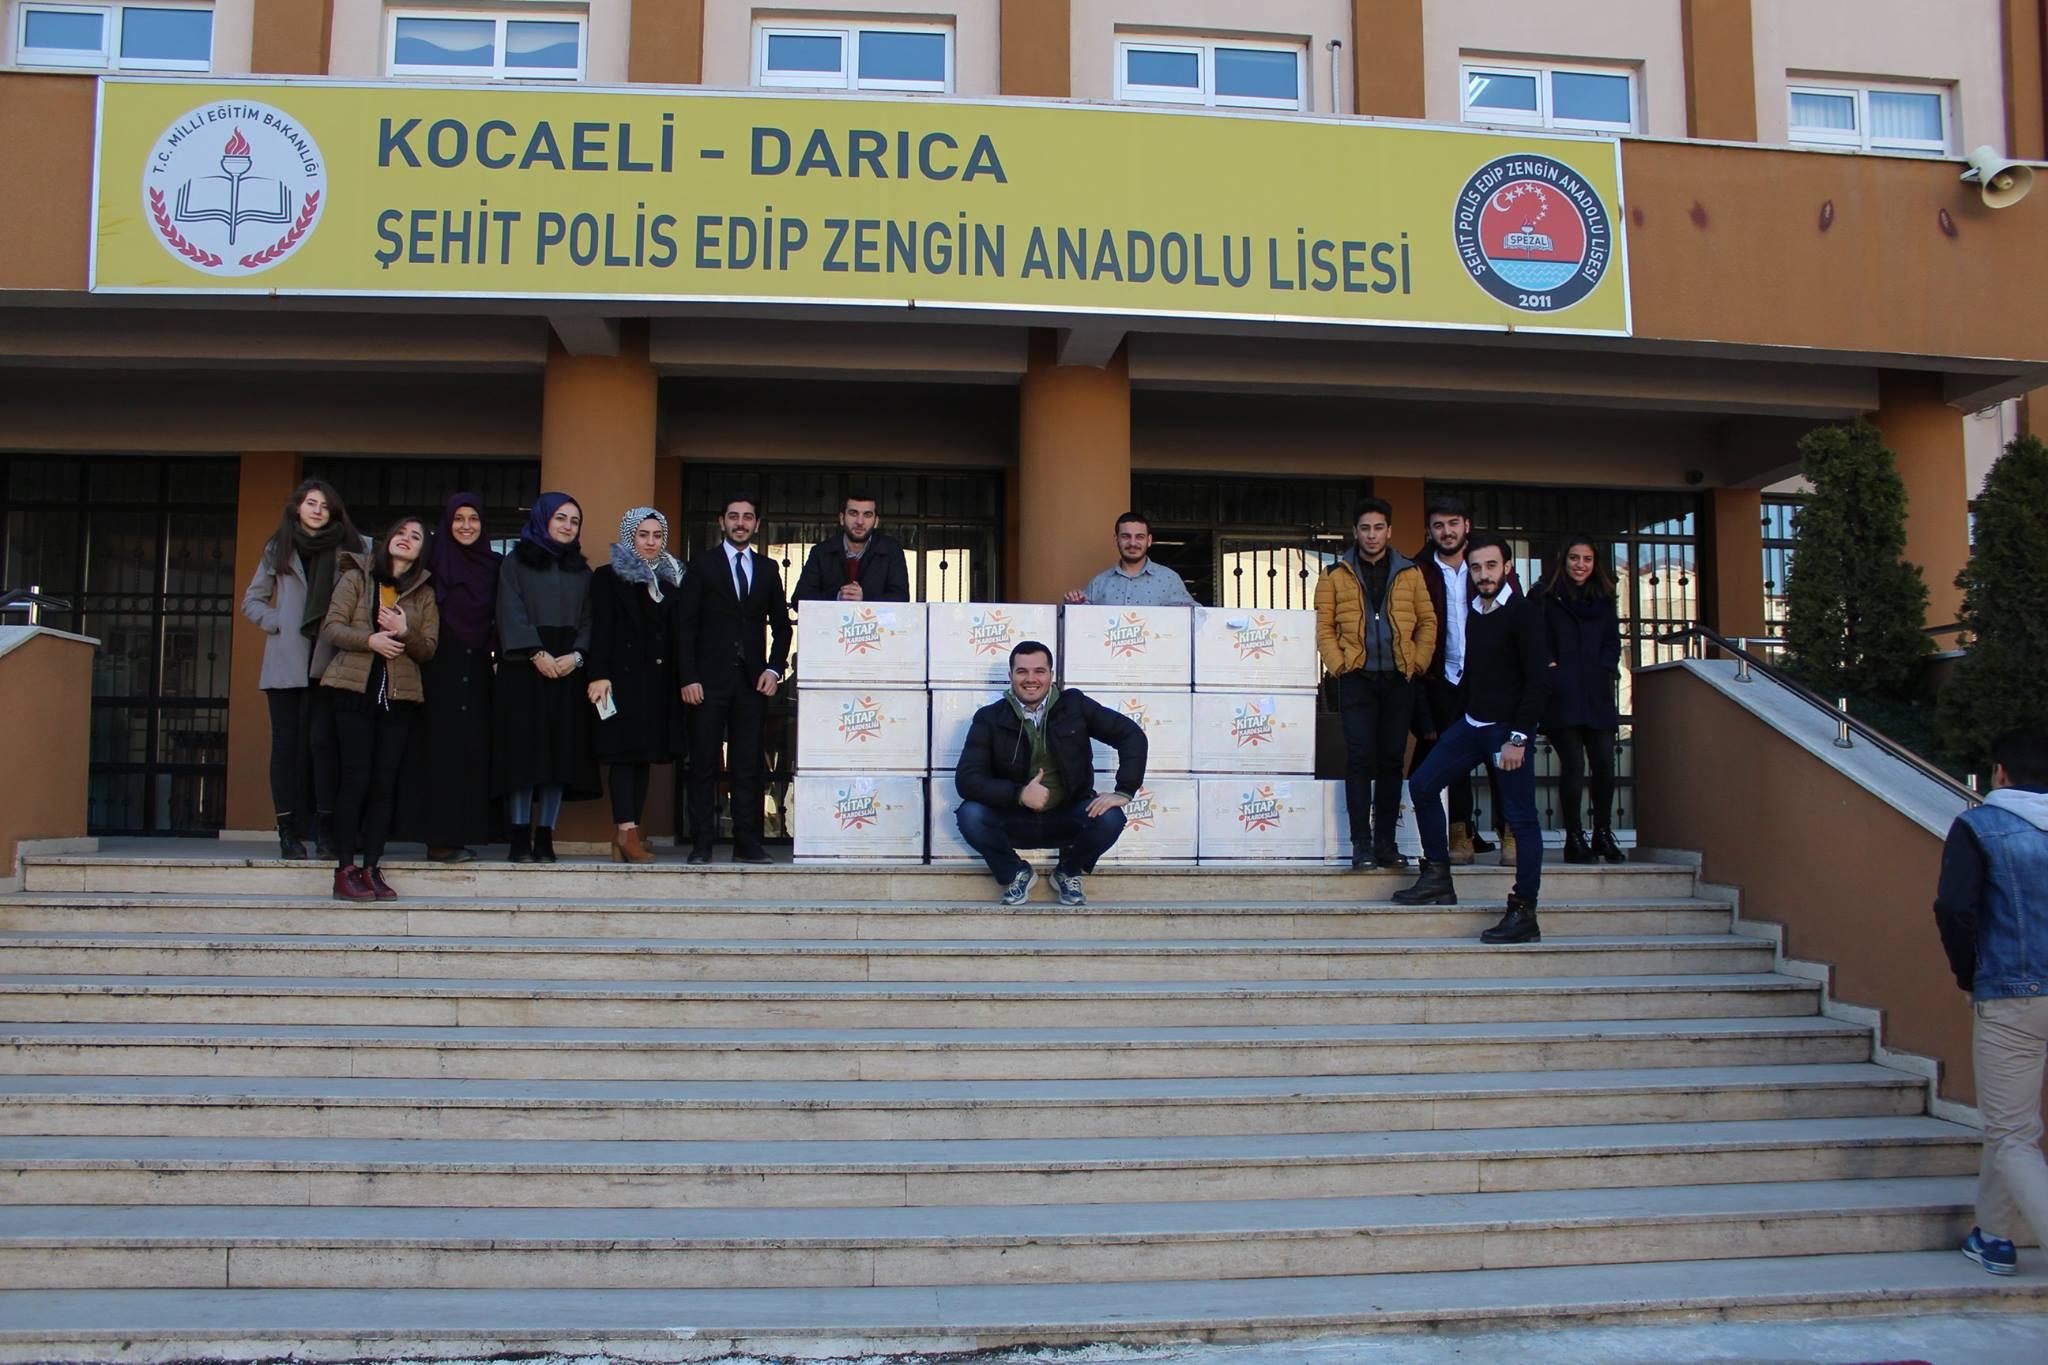 Kocaeli Şehit Polis Edip Zengin Anadolu Lisesi